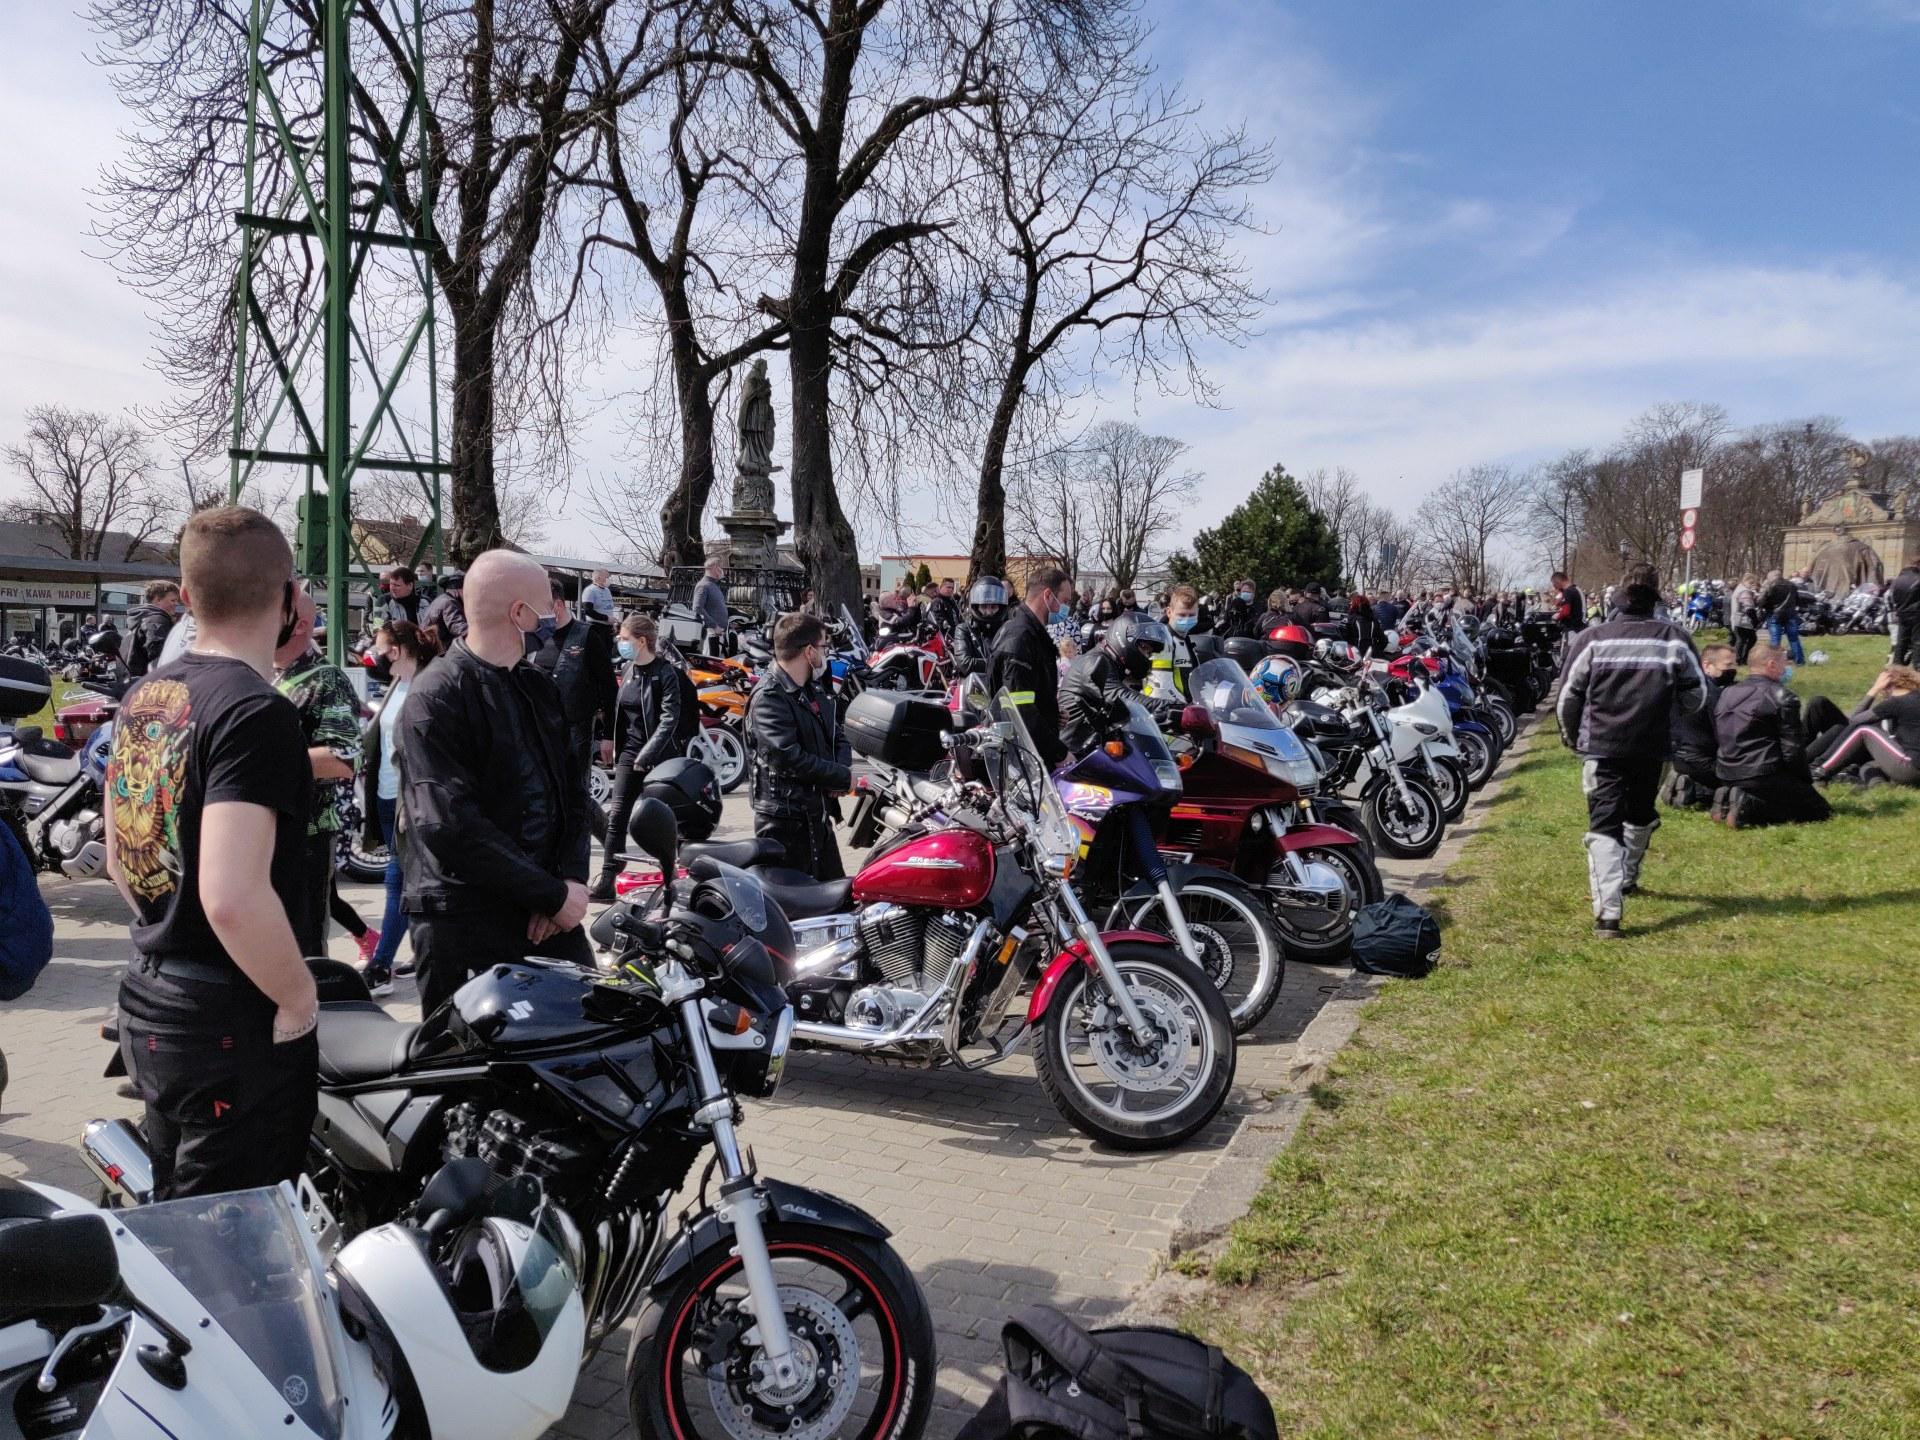 02 Otwarcie Sezonu Motocyklowego Zlot Gwiazdzisty w Czestochowie 2021